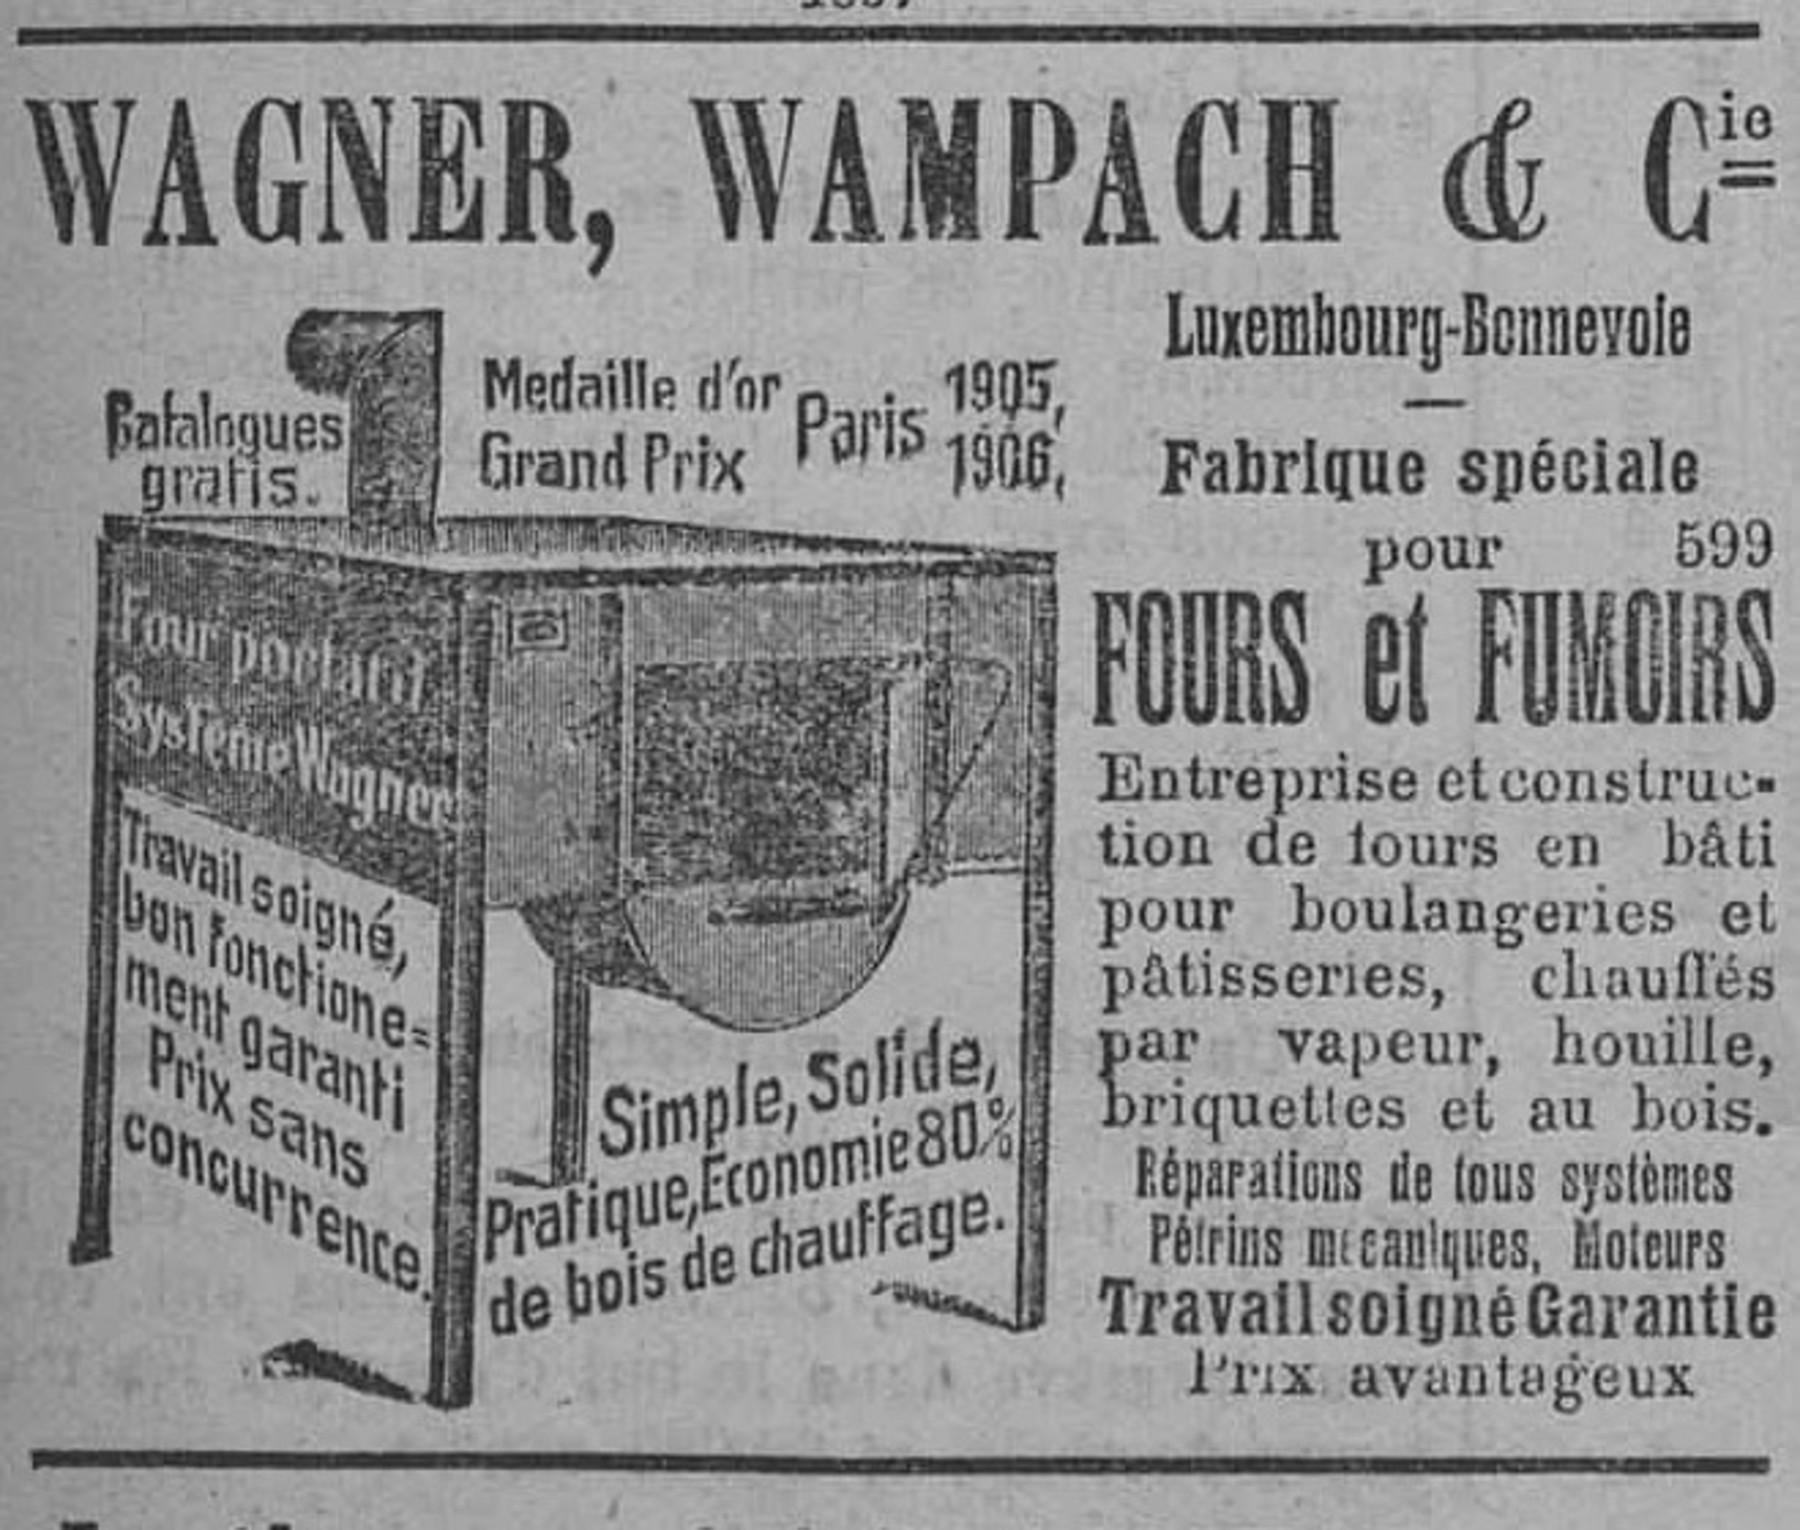 Contenu du Wagner, Wampach & cie, fabrique spéciale pour fours et fumoirs